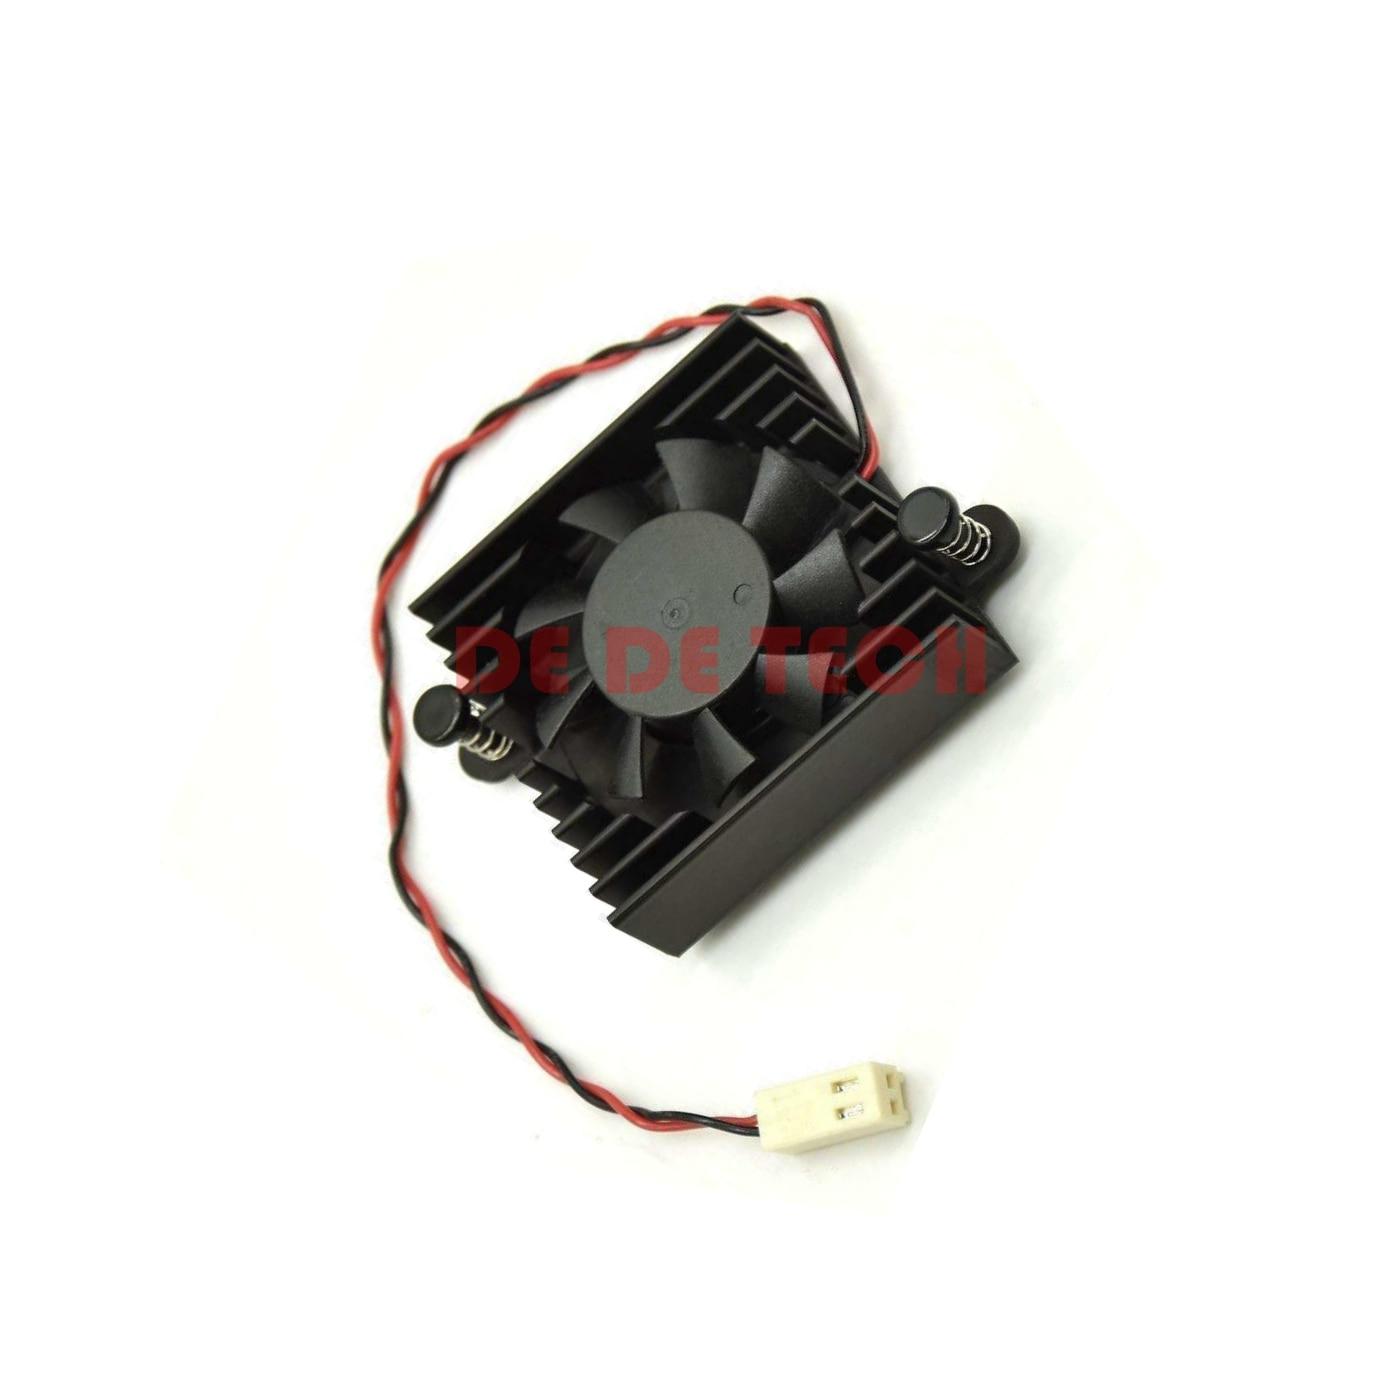 5V Heatsink fan for dahua DVR Fan,HDCVI Camera Fan,DAHUA DVR 5V motherboard fan